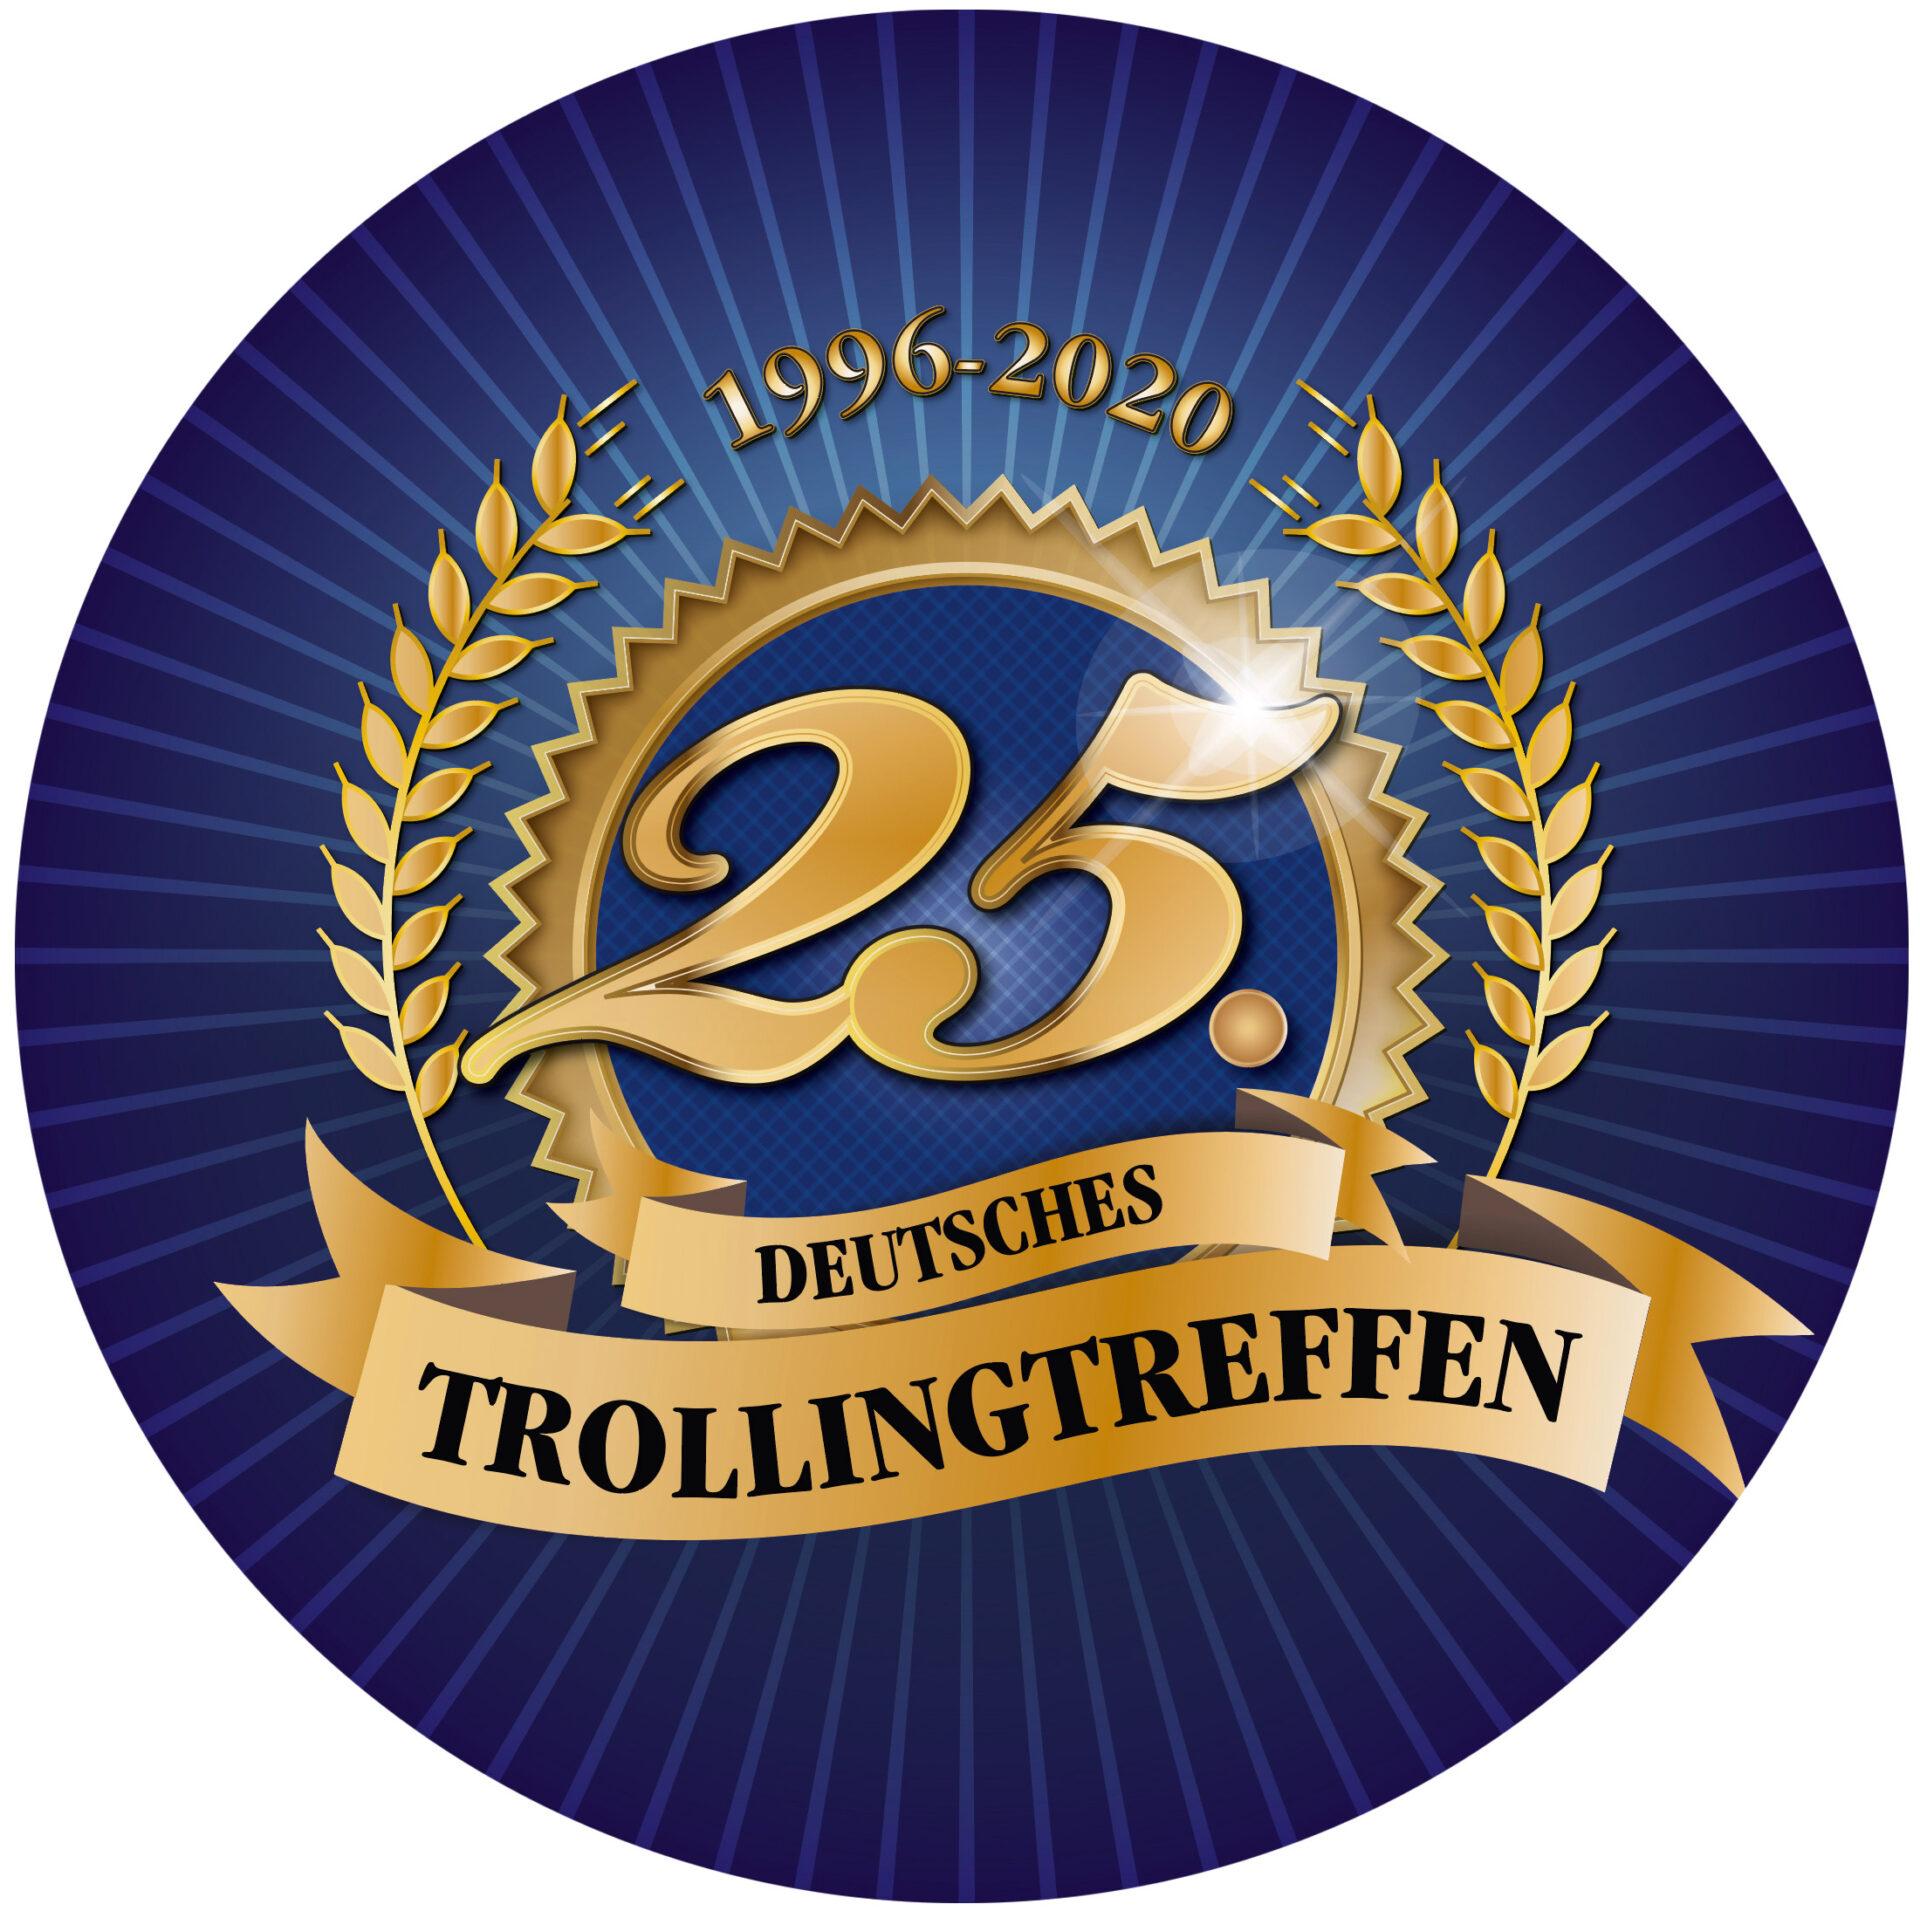 25. Deutsches Trollingtreffen